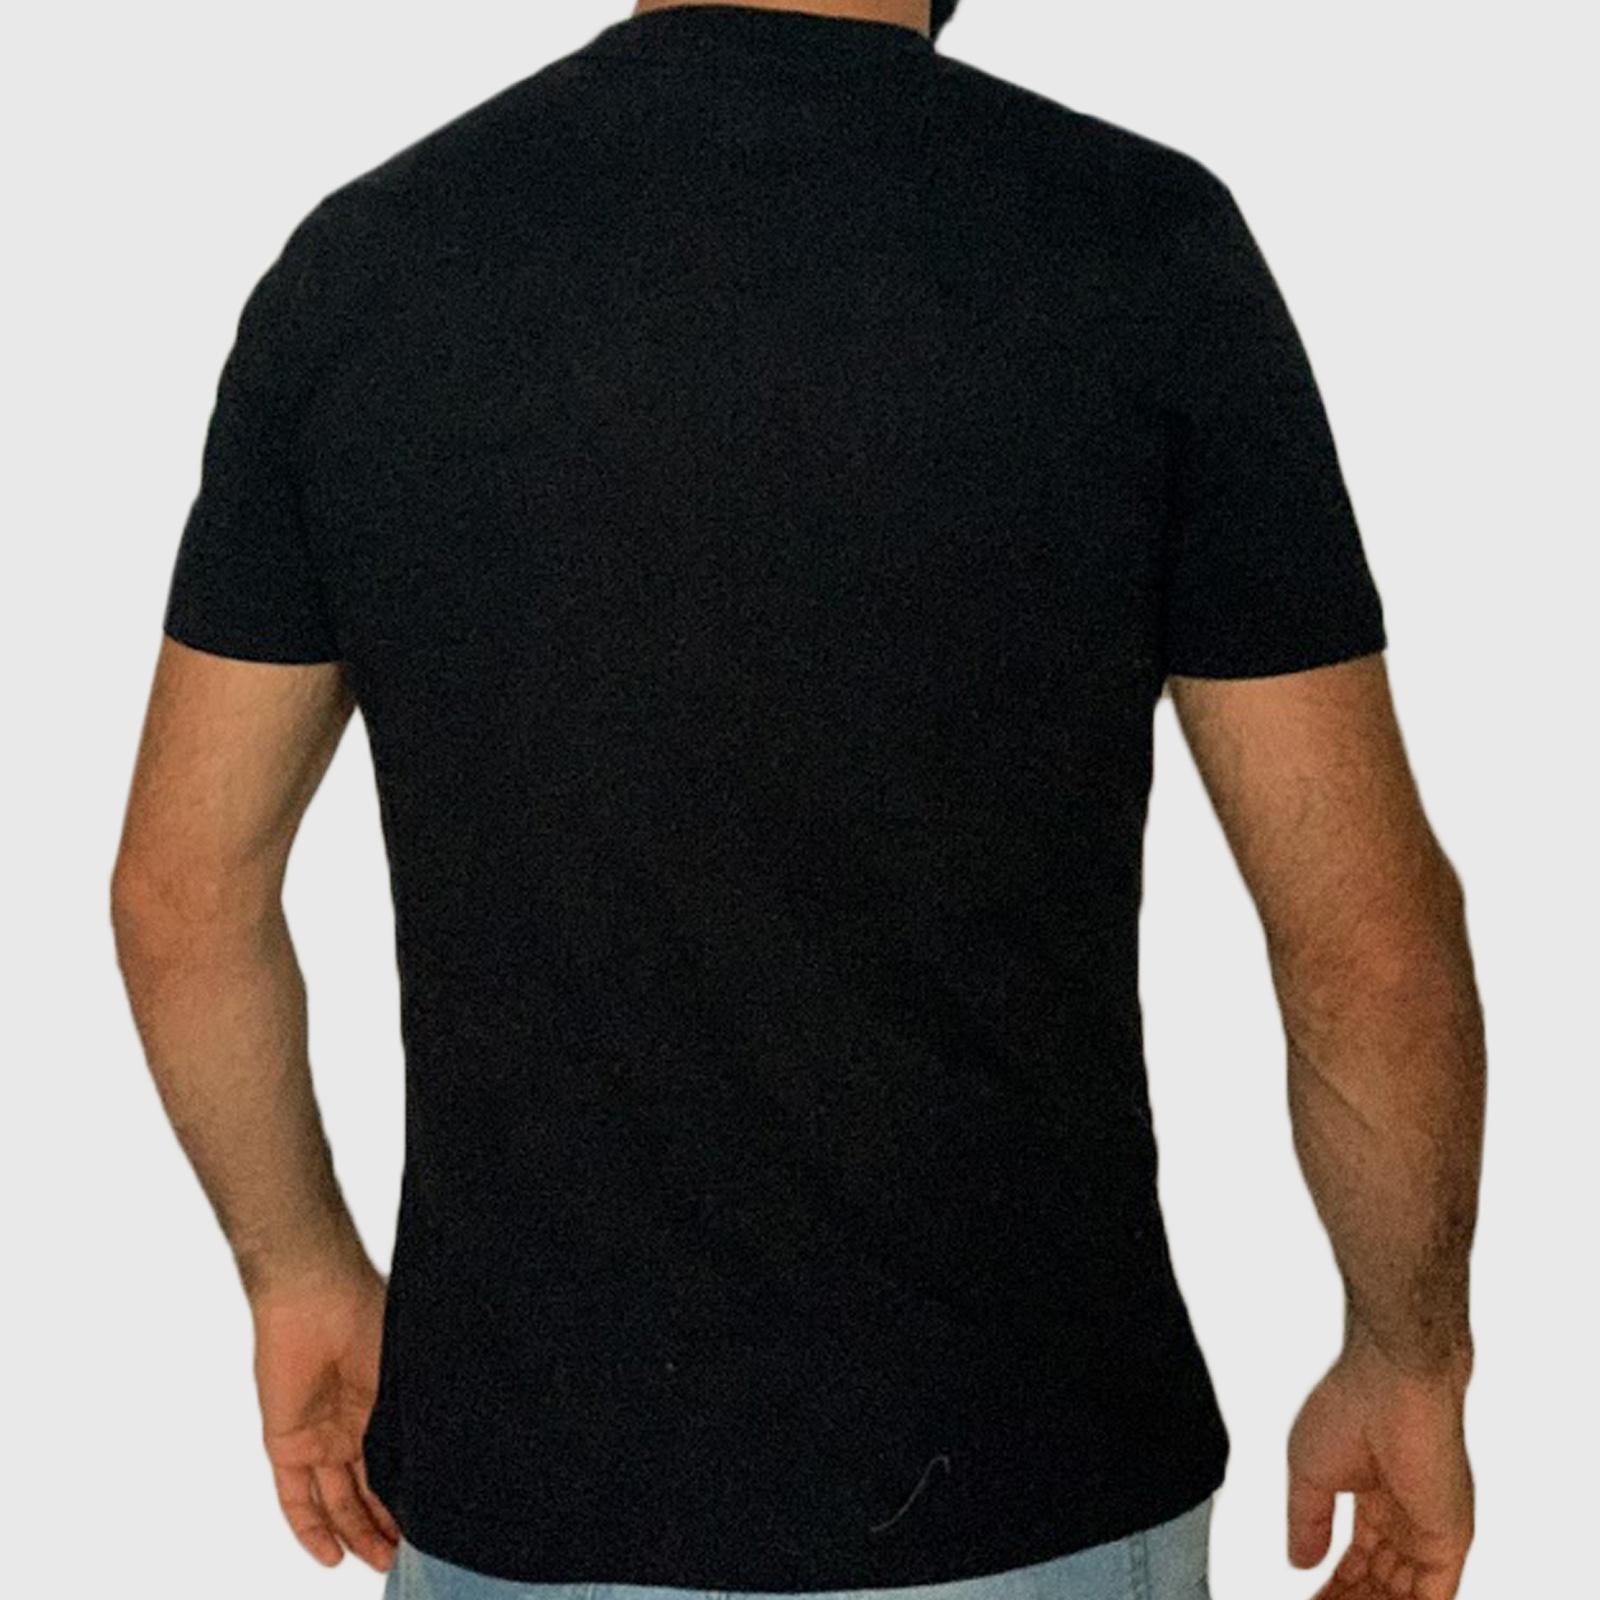 Мужская черная футболка с рисунком по специальной цене